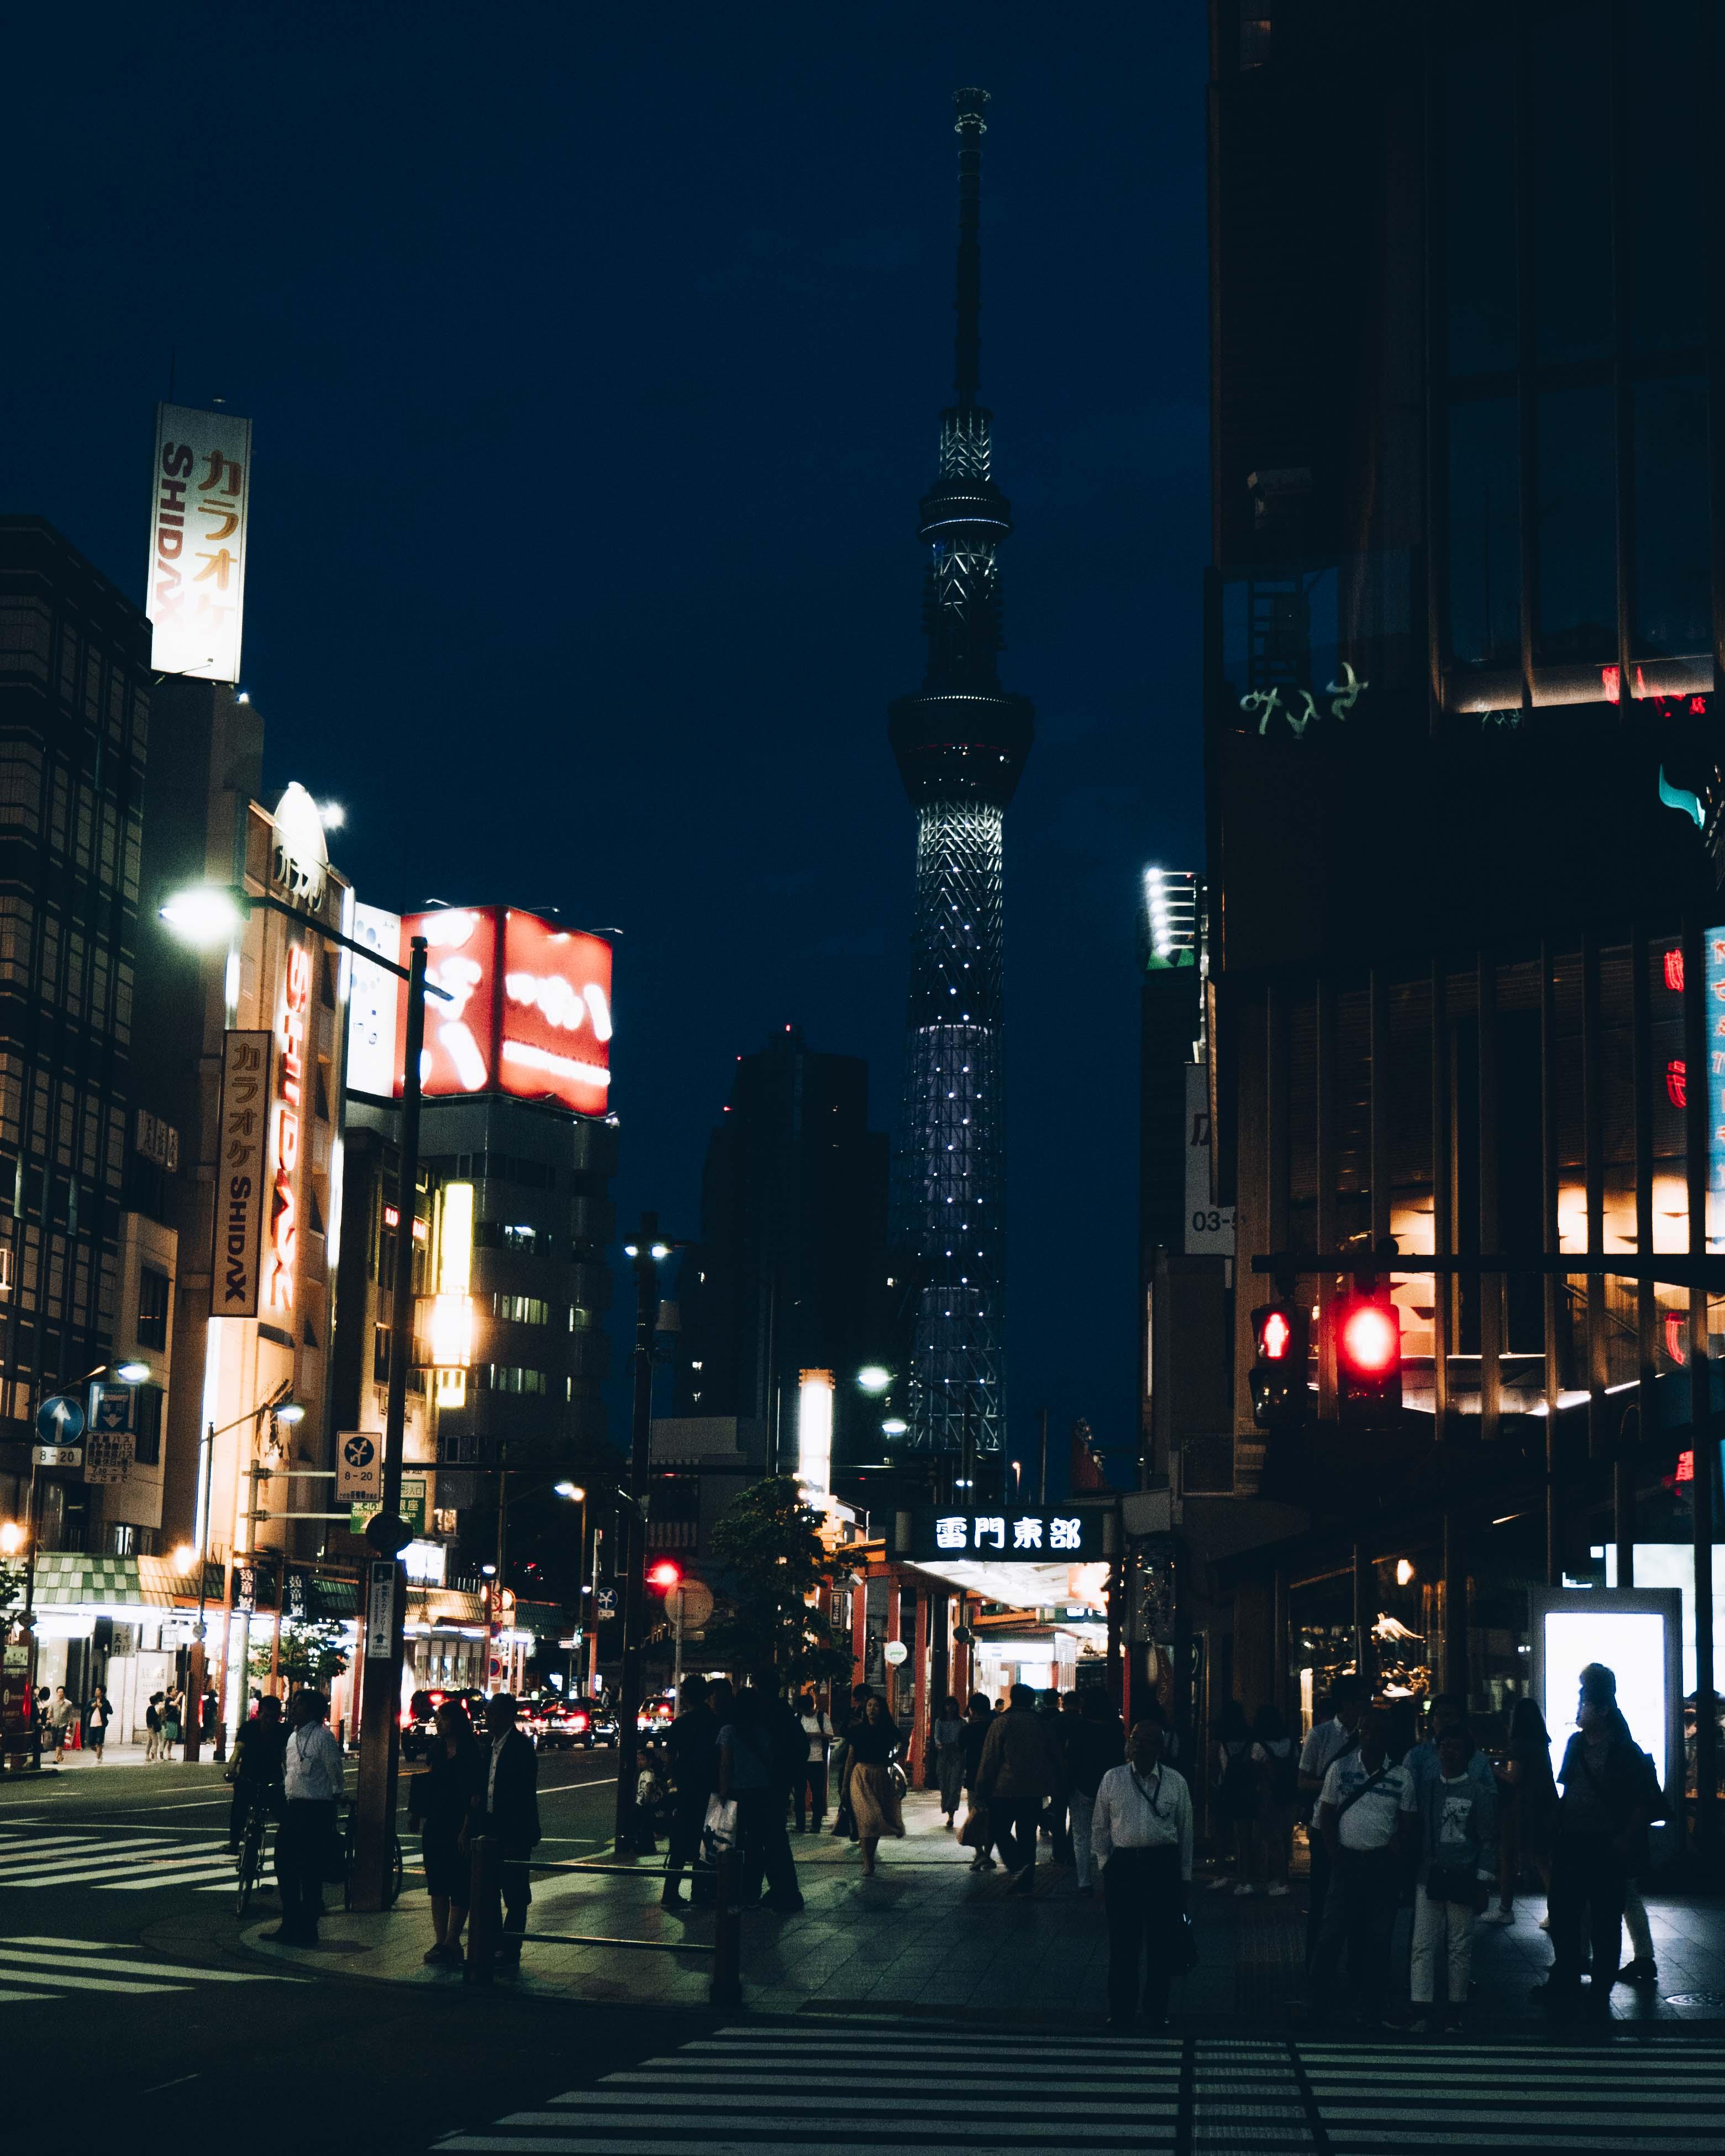 PINOSSA_TOKIO P6130053